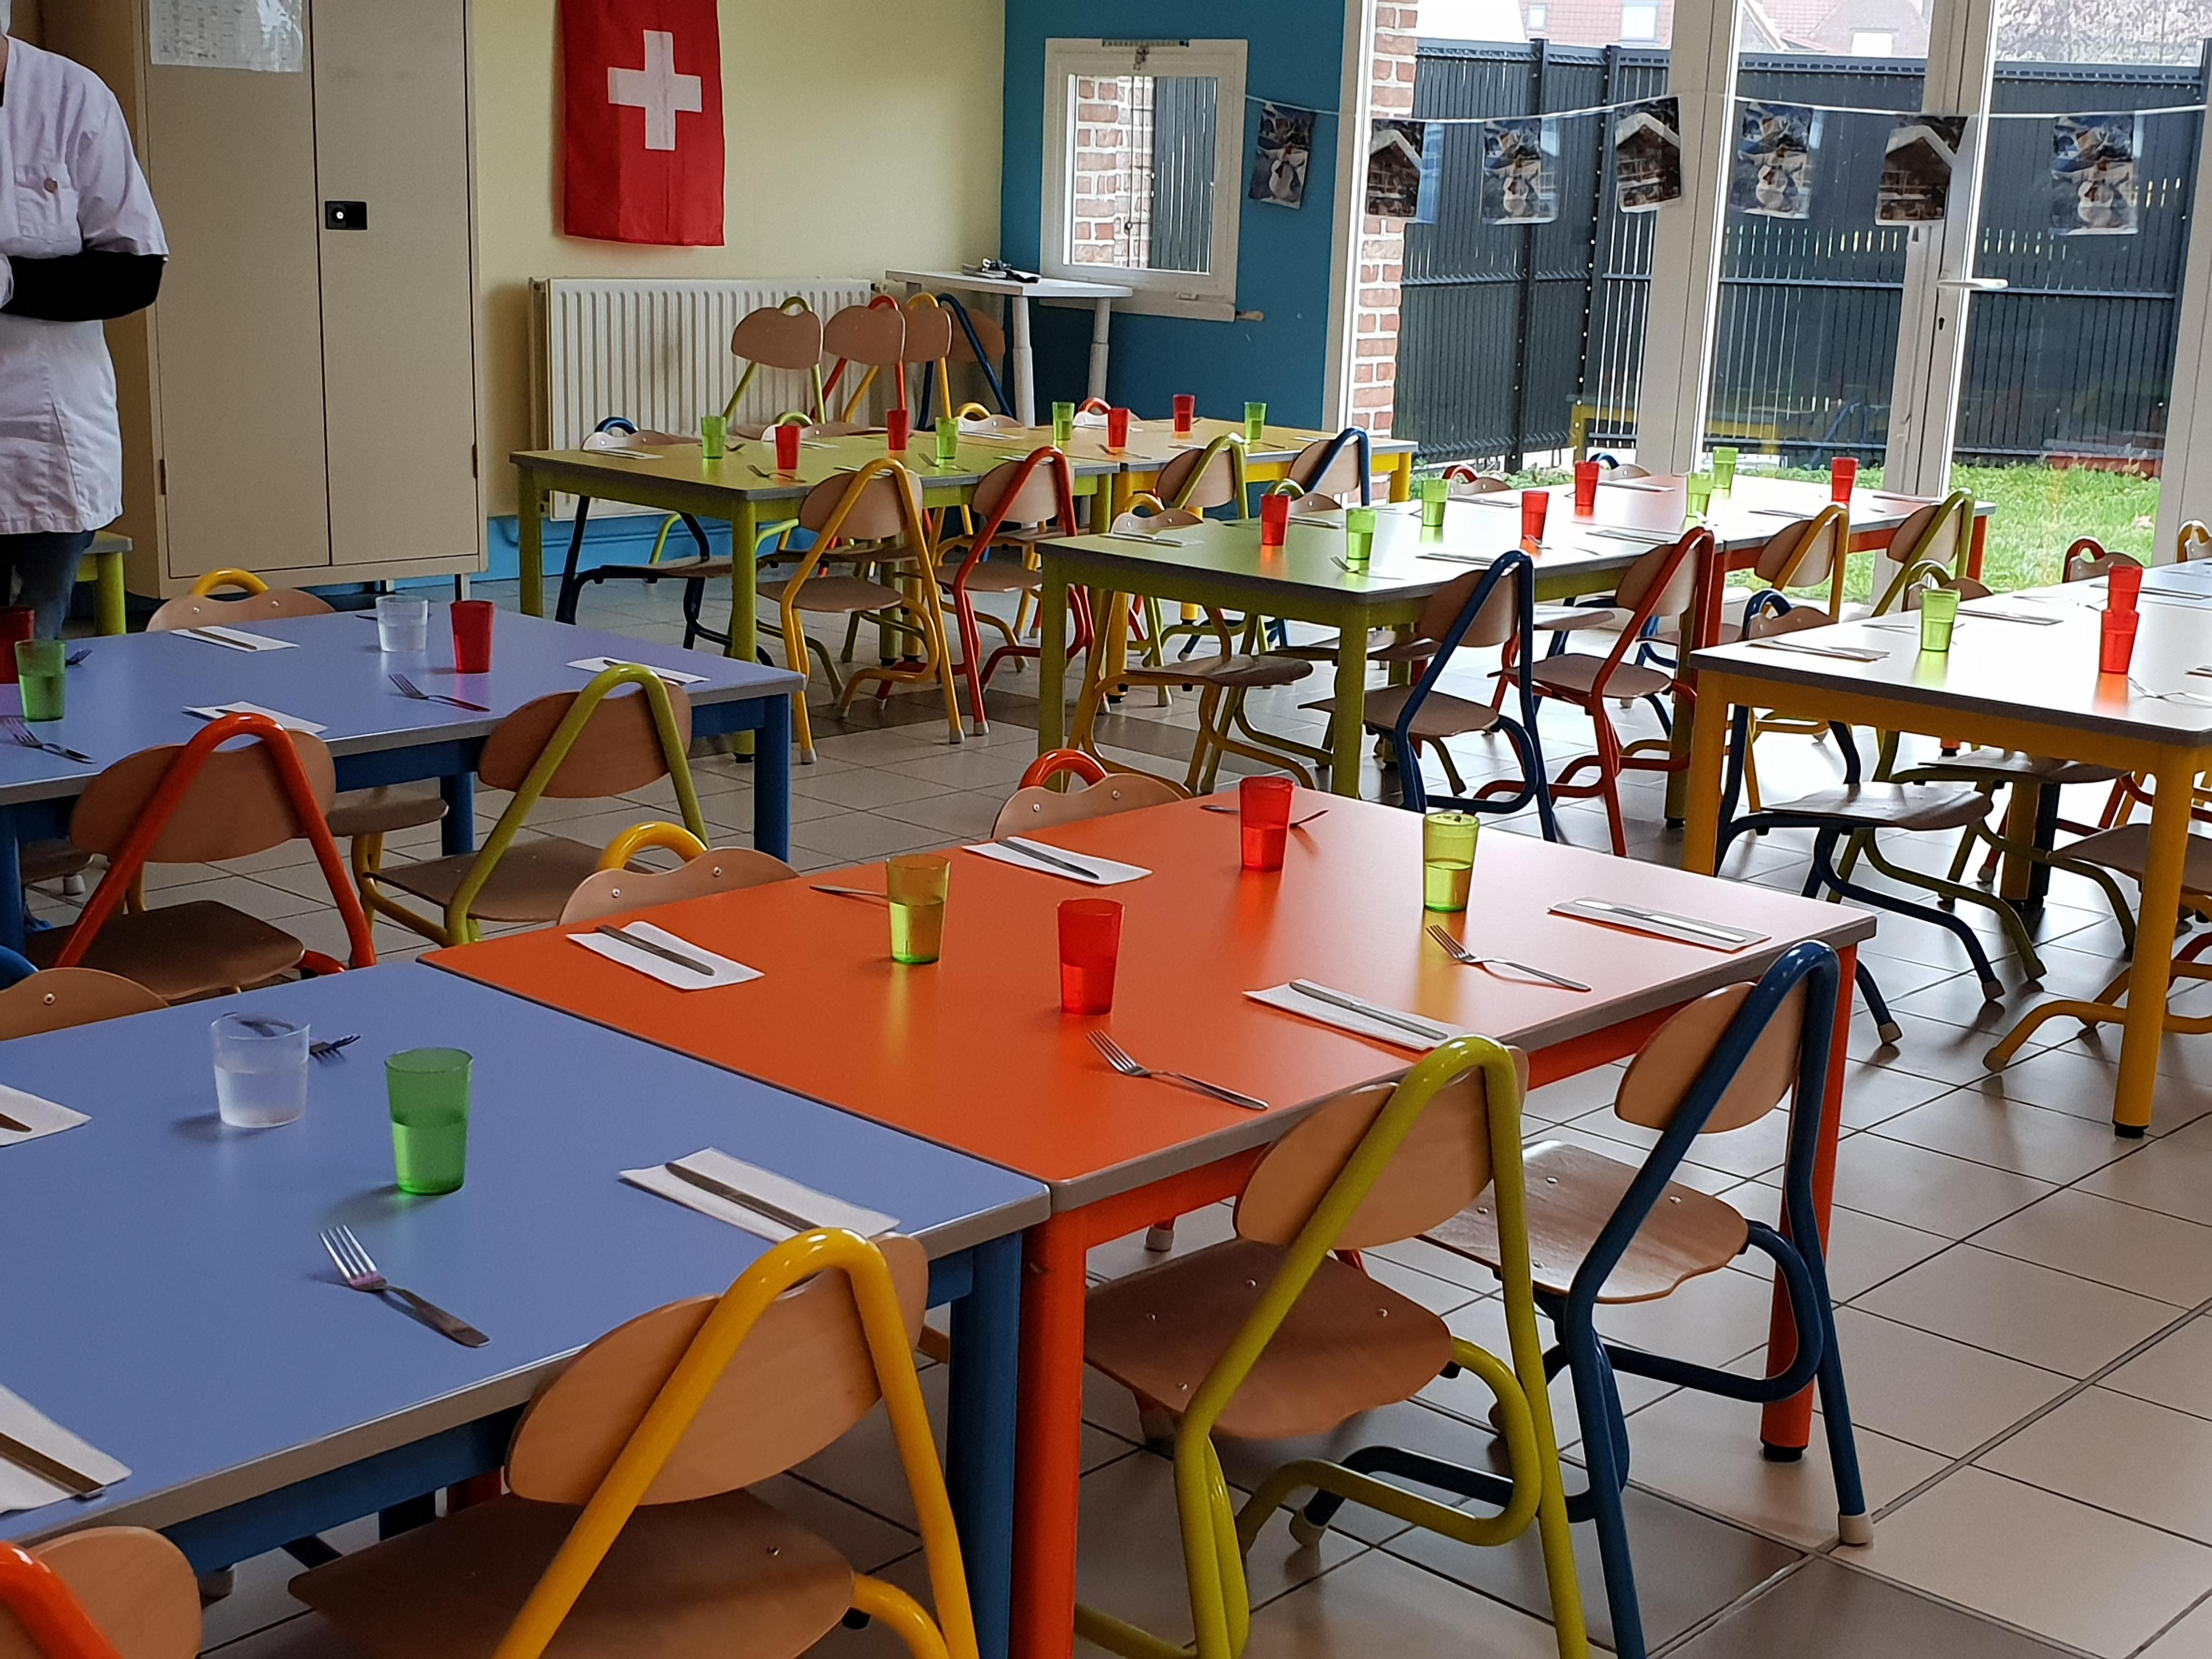 Nouveau mobilier Restaurant scolaire .jpg